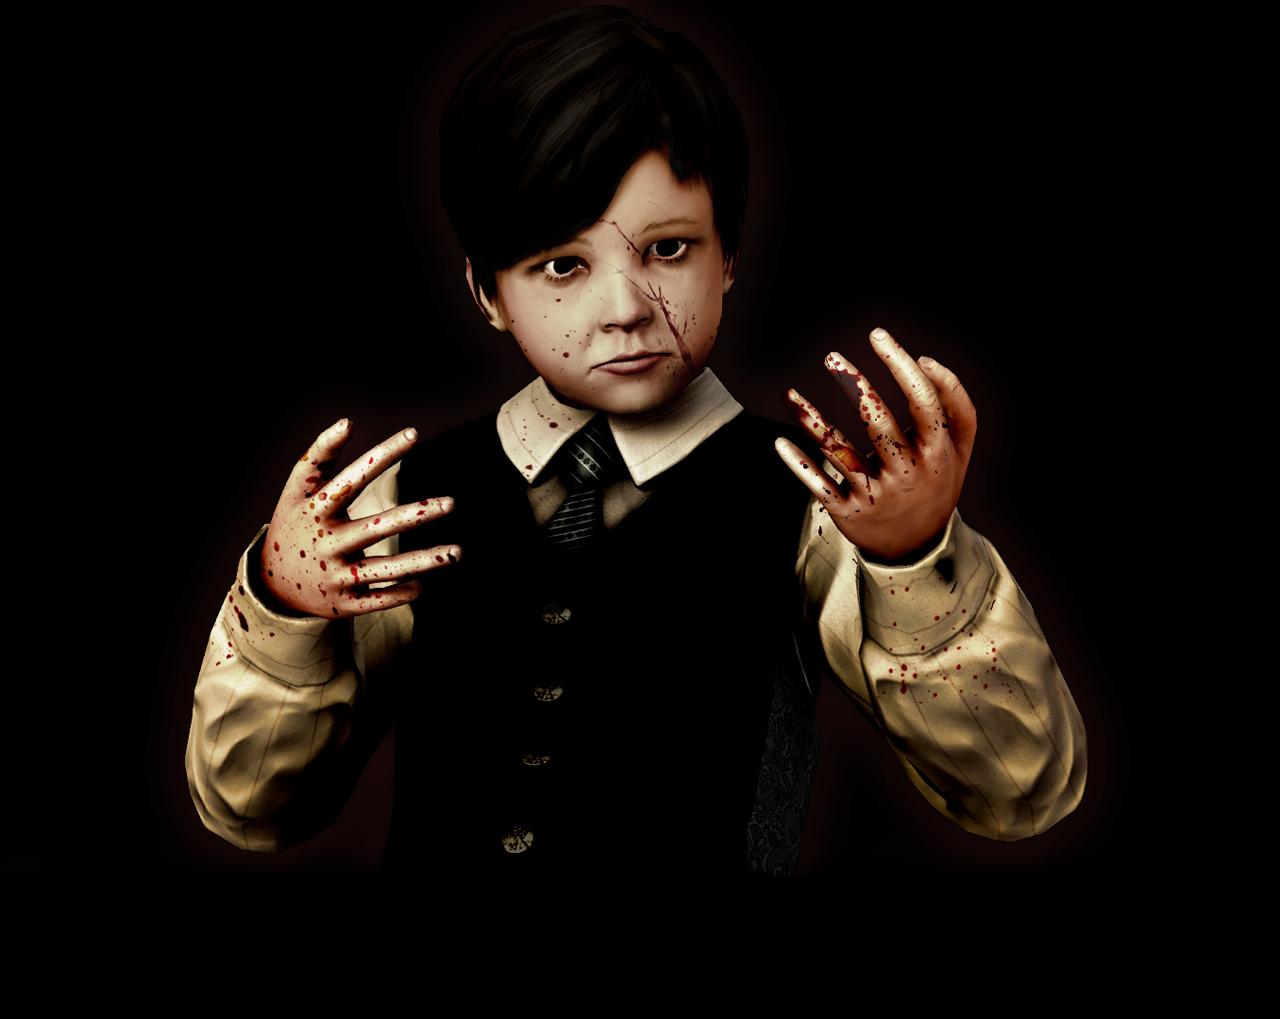 Lucius #15